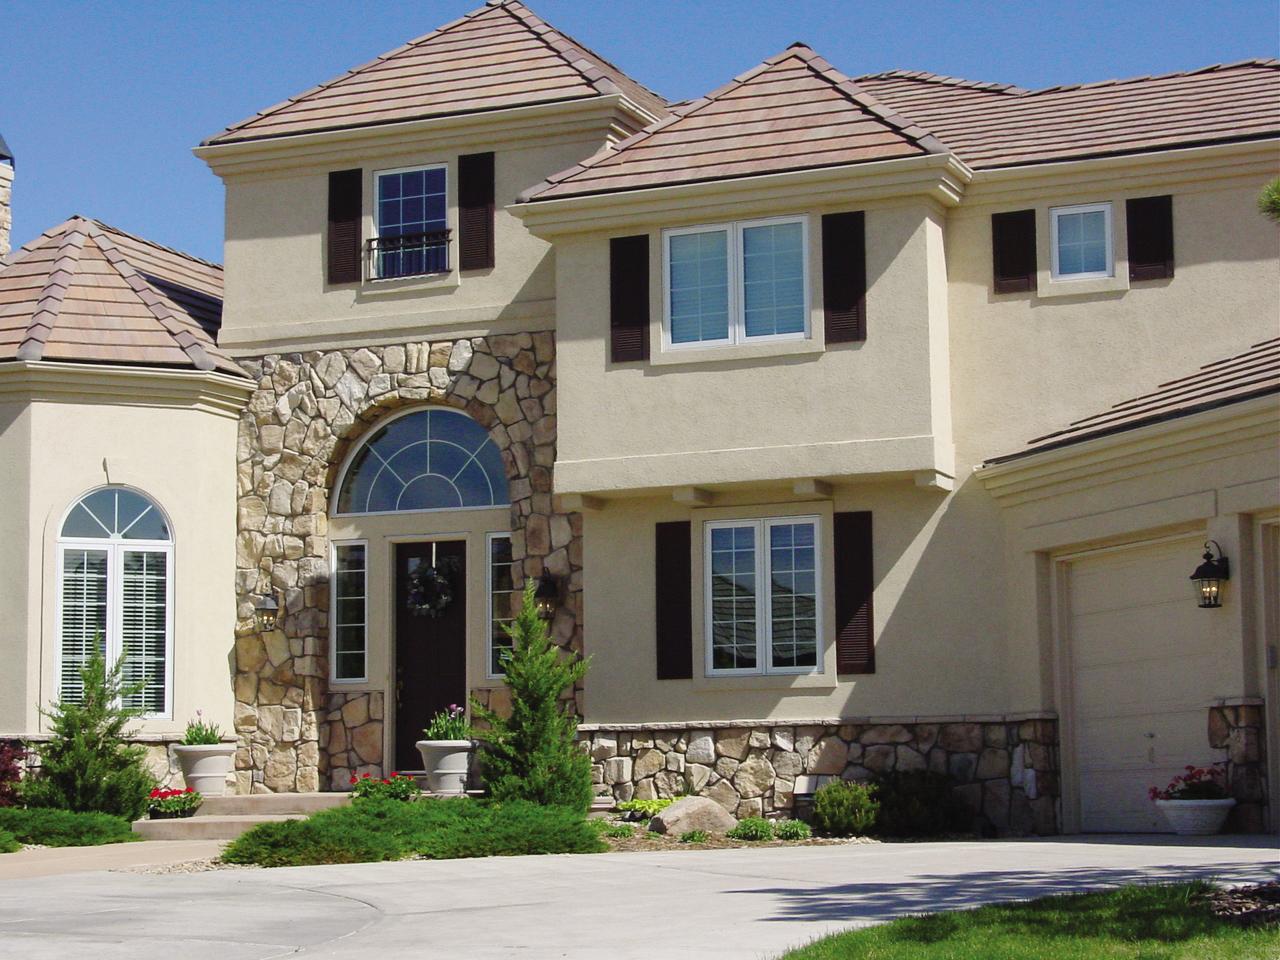 stucco-siding-pros-cons